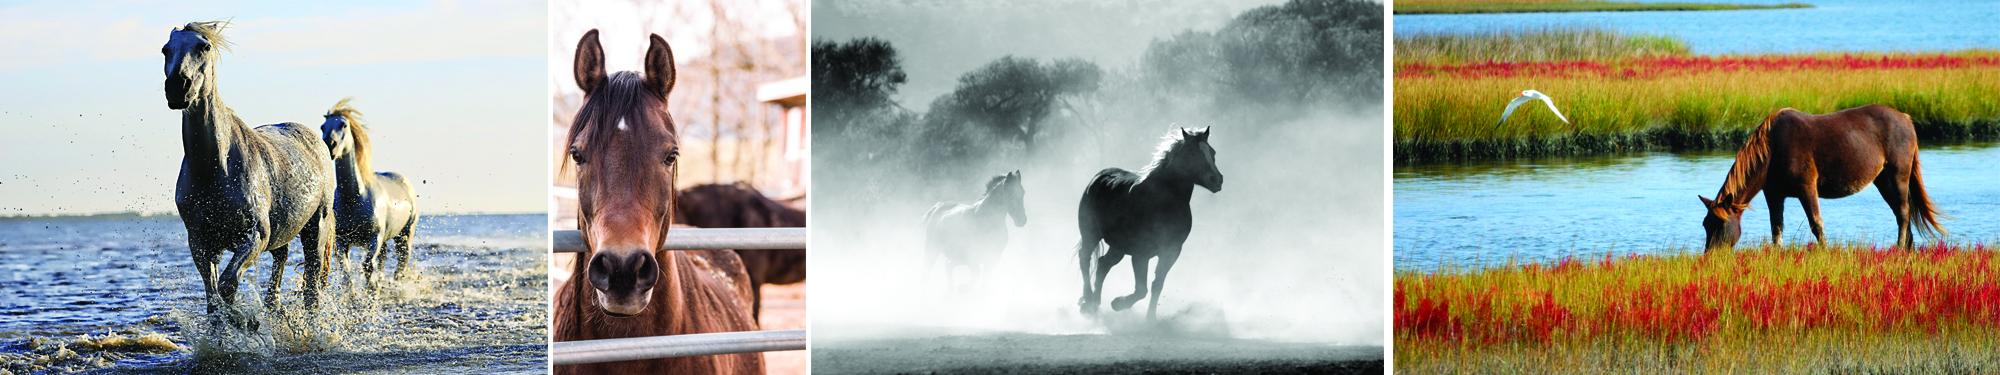 Les différents états du cheval... et donc du mental : fougueux, endormi, coopératif, calme, sauvage